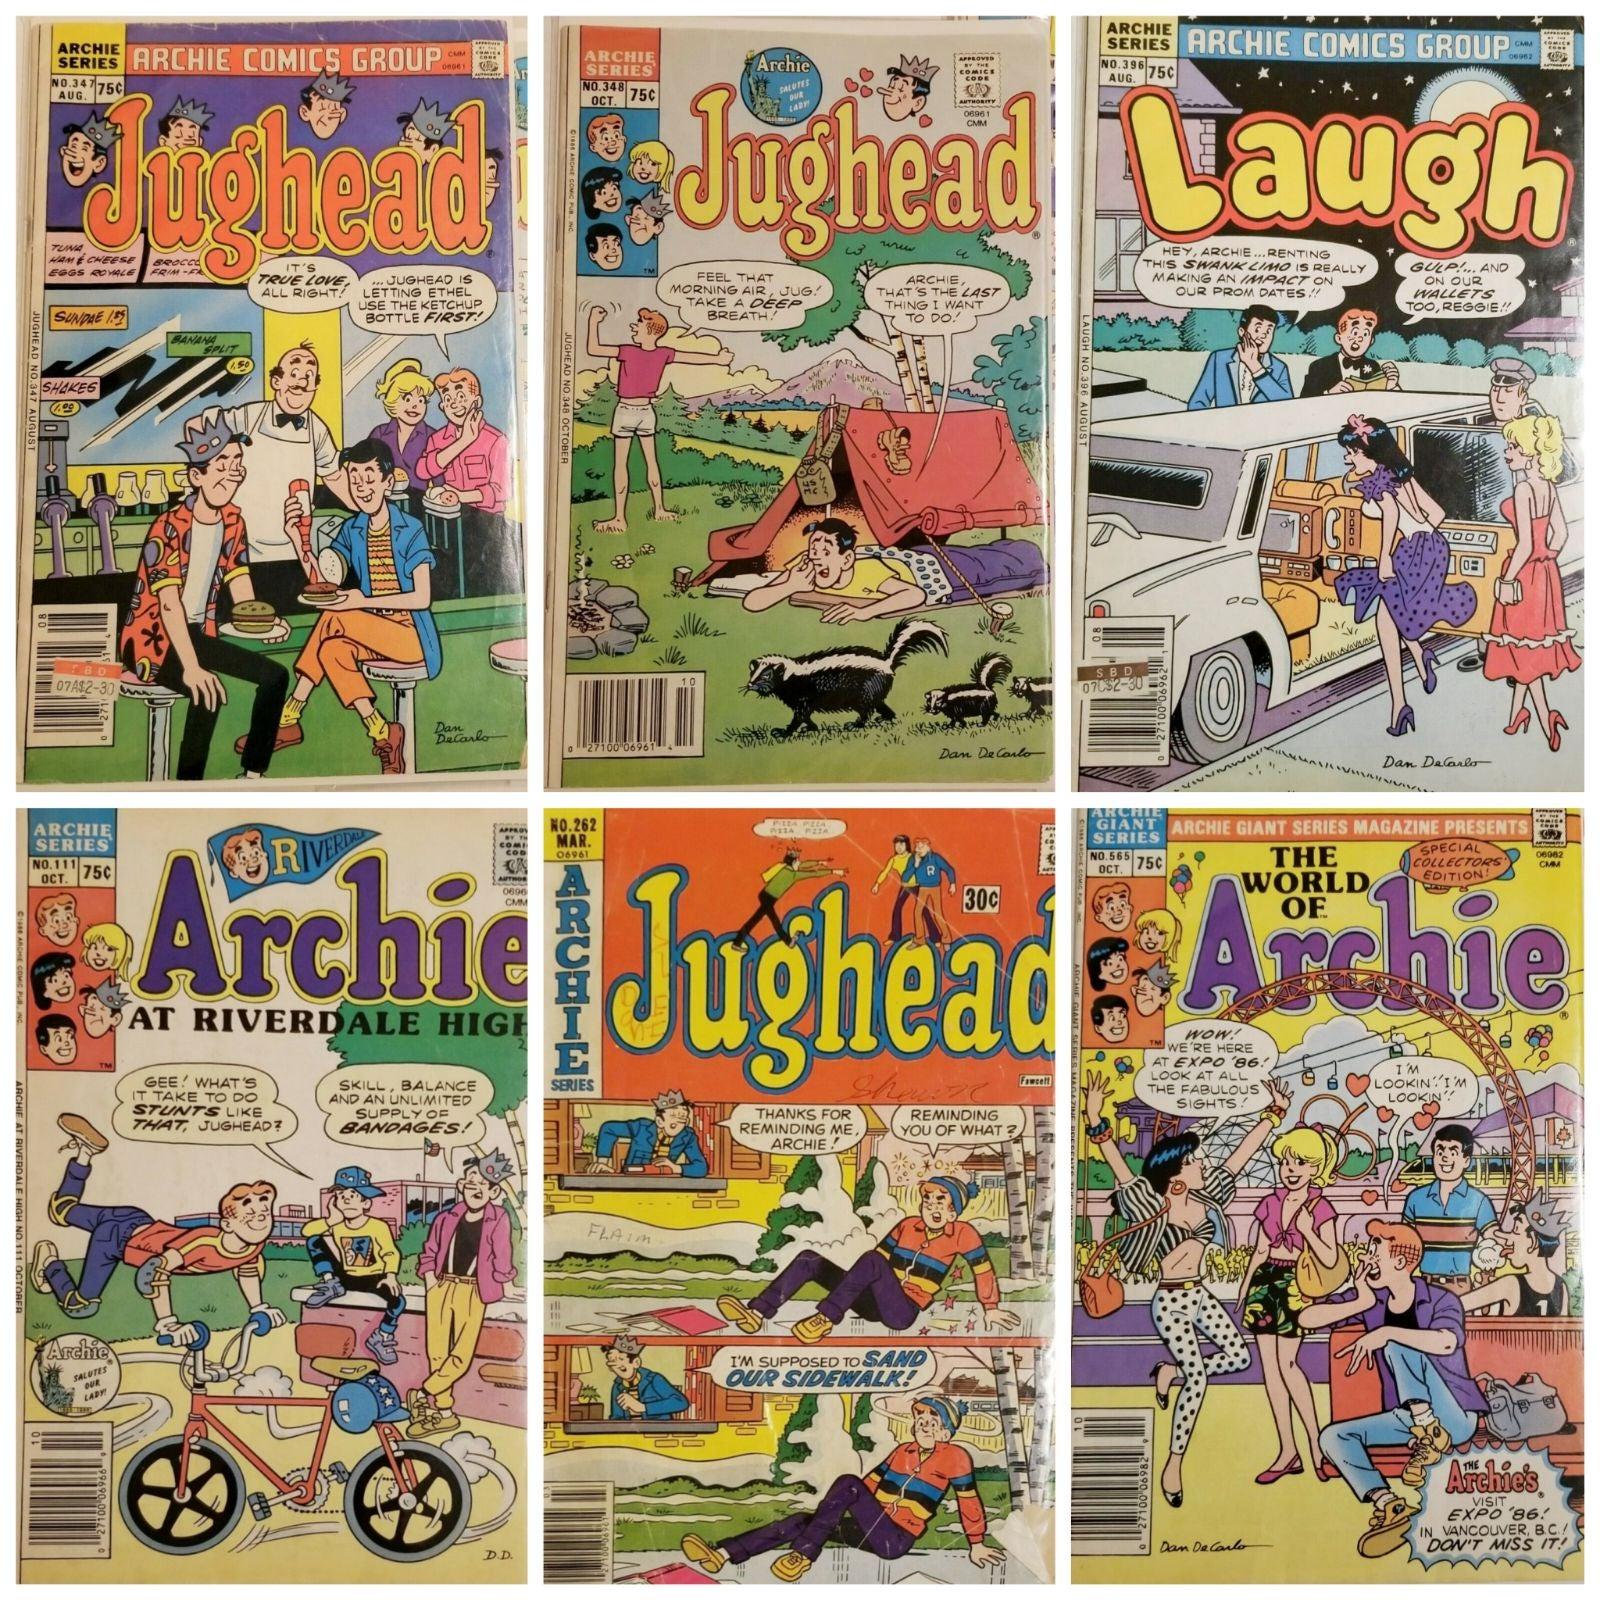 Lot of 6 Archie/Jughead/Laugh Comics